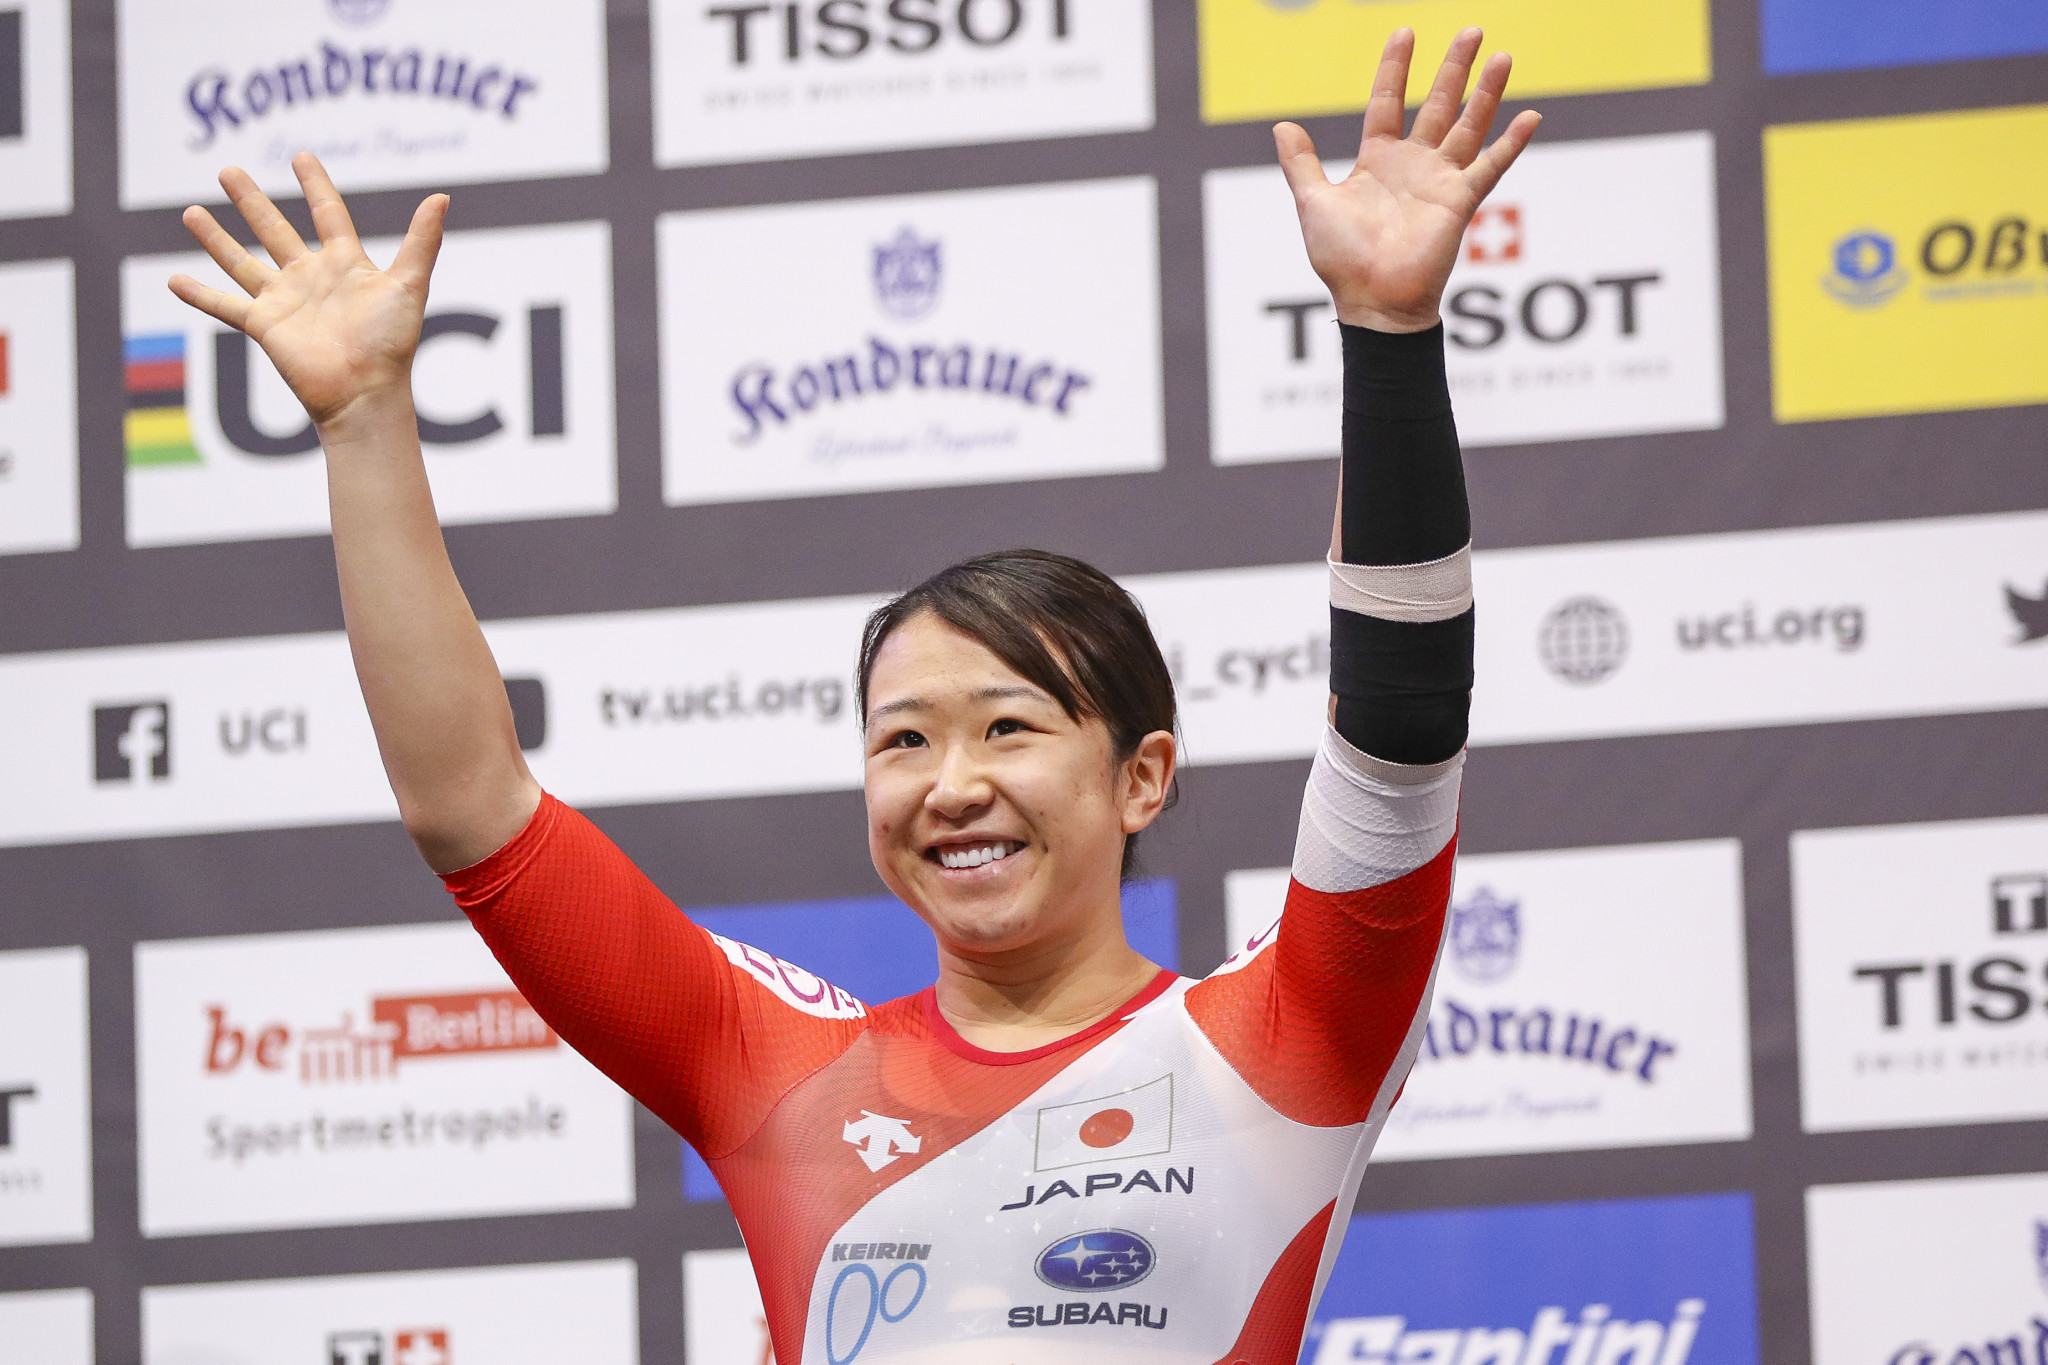 World champion Kajihara wins omnium at Track Cycling Nations Cup in Hong Kong